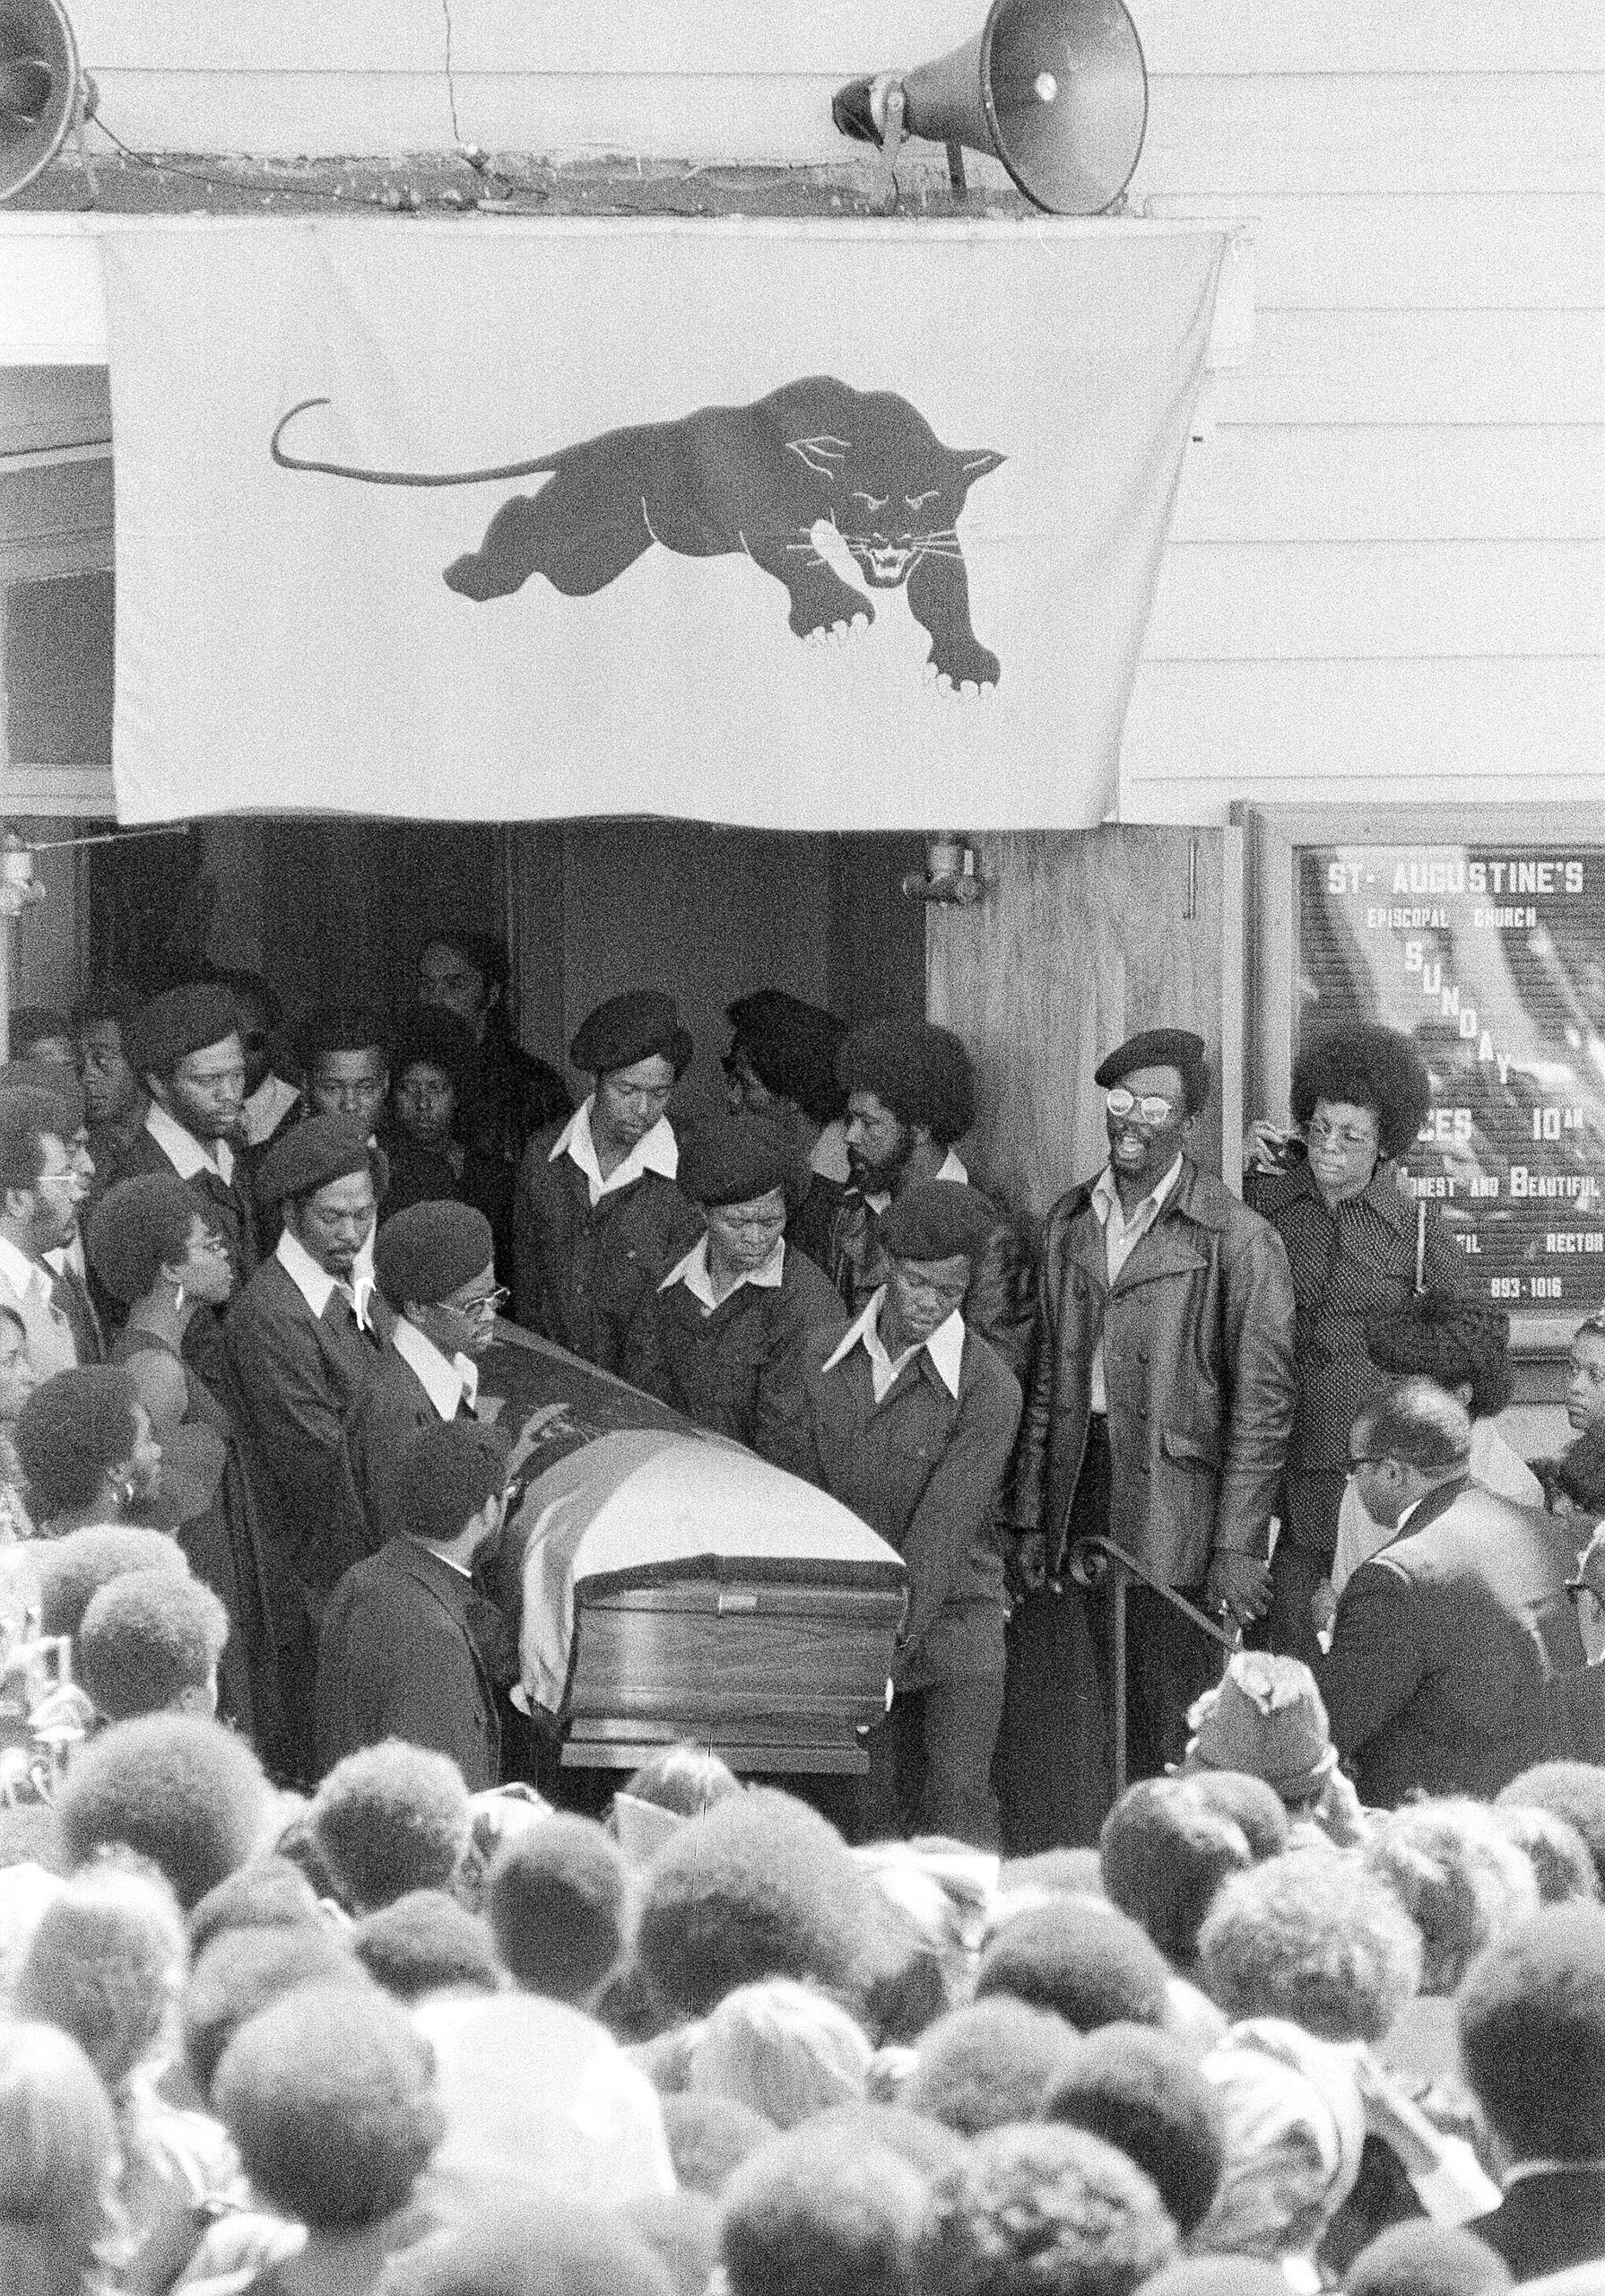 Soledad Brothers George Jackson Funeral 1971